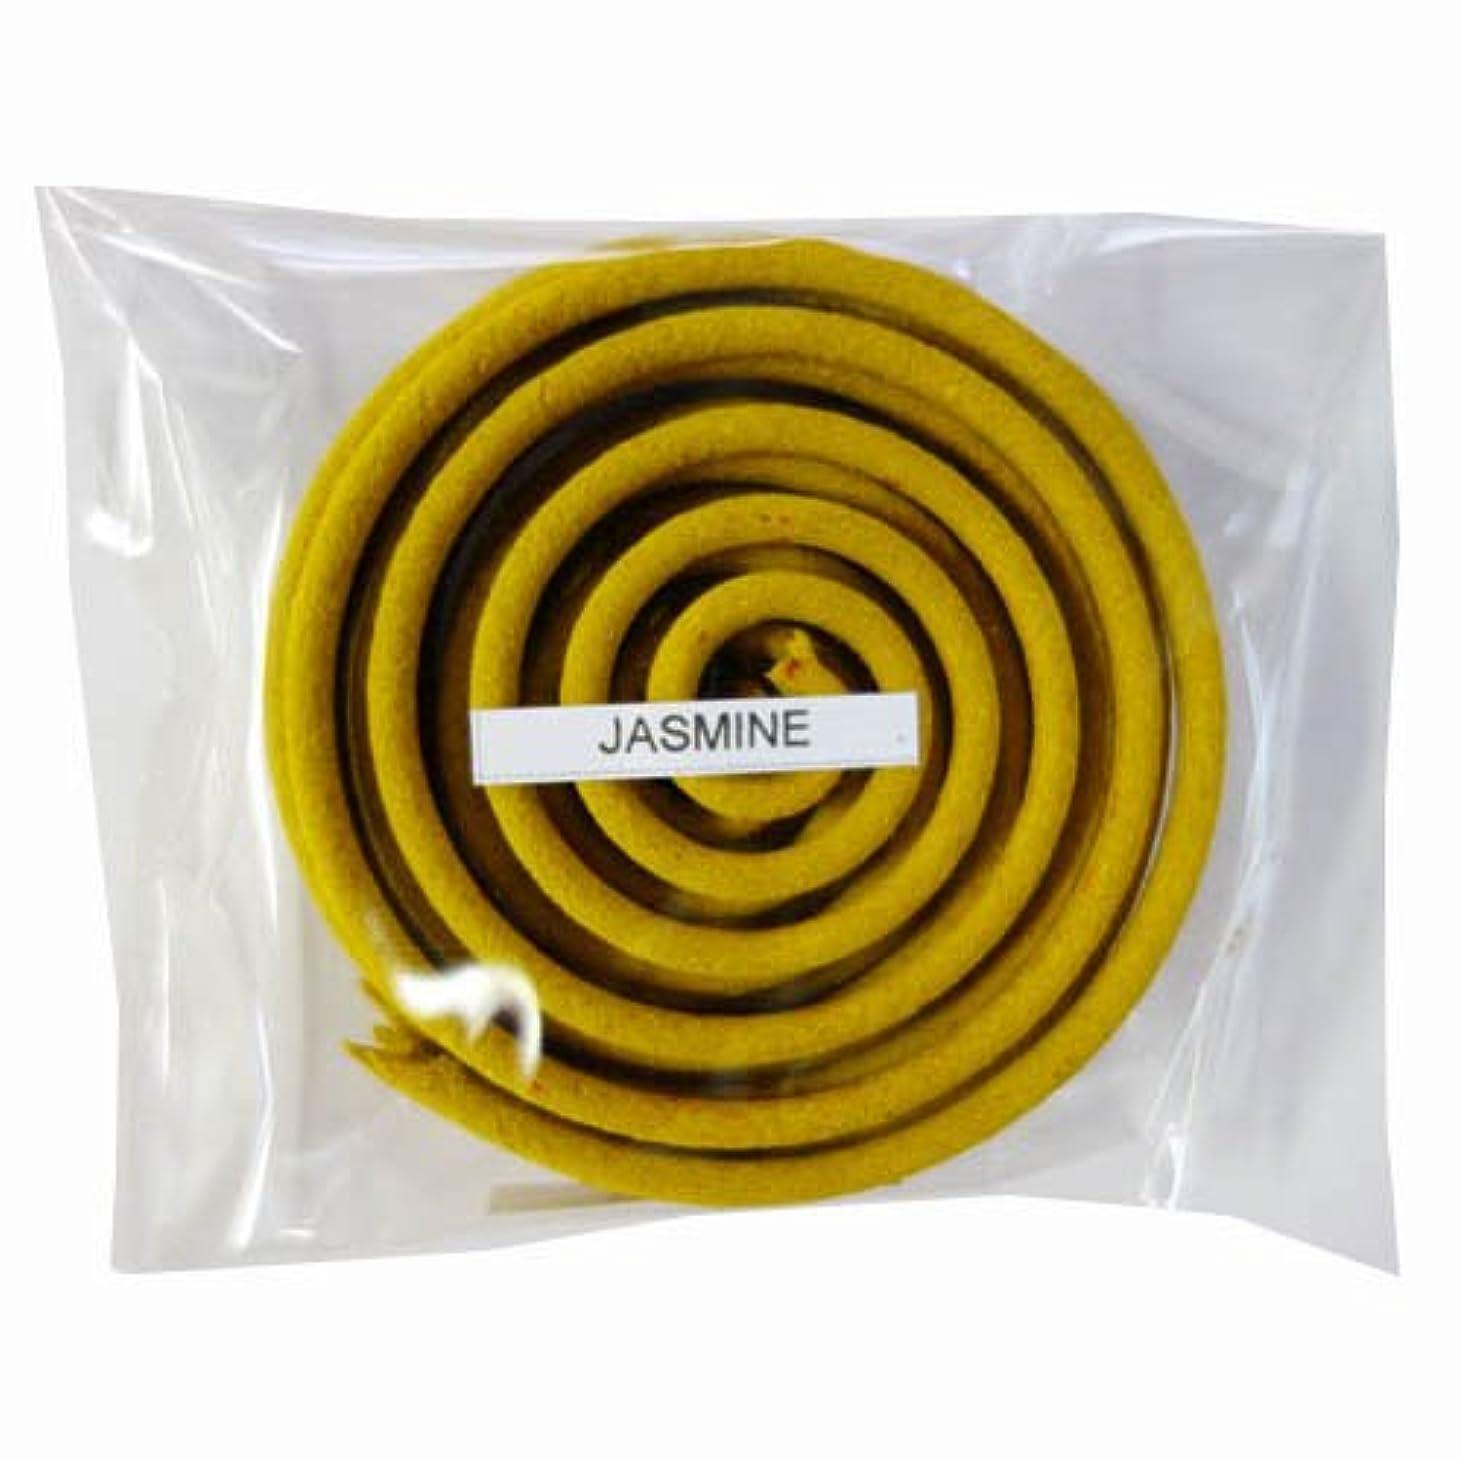 適応的提出するフリンジお香/うずまき香 JASMINE ジャスミン 直径6.5cm×5巻セット [並行輸入品]